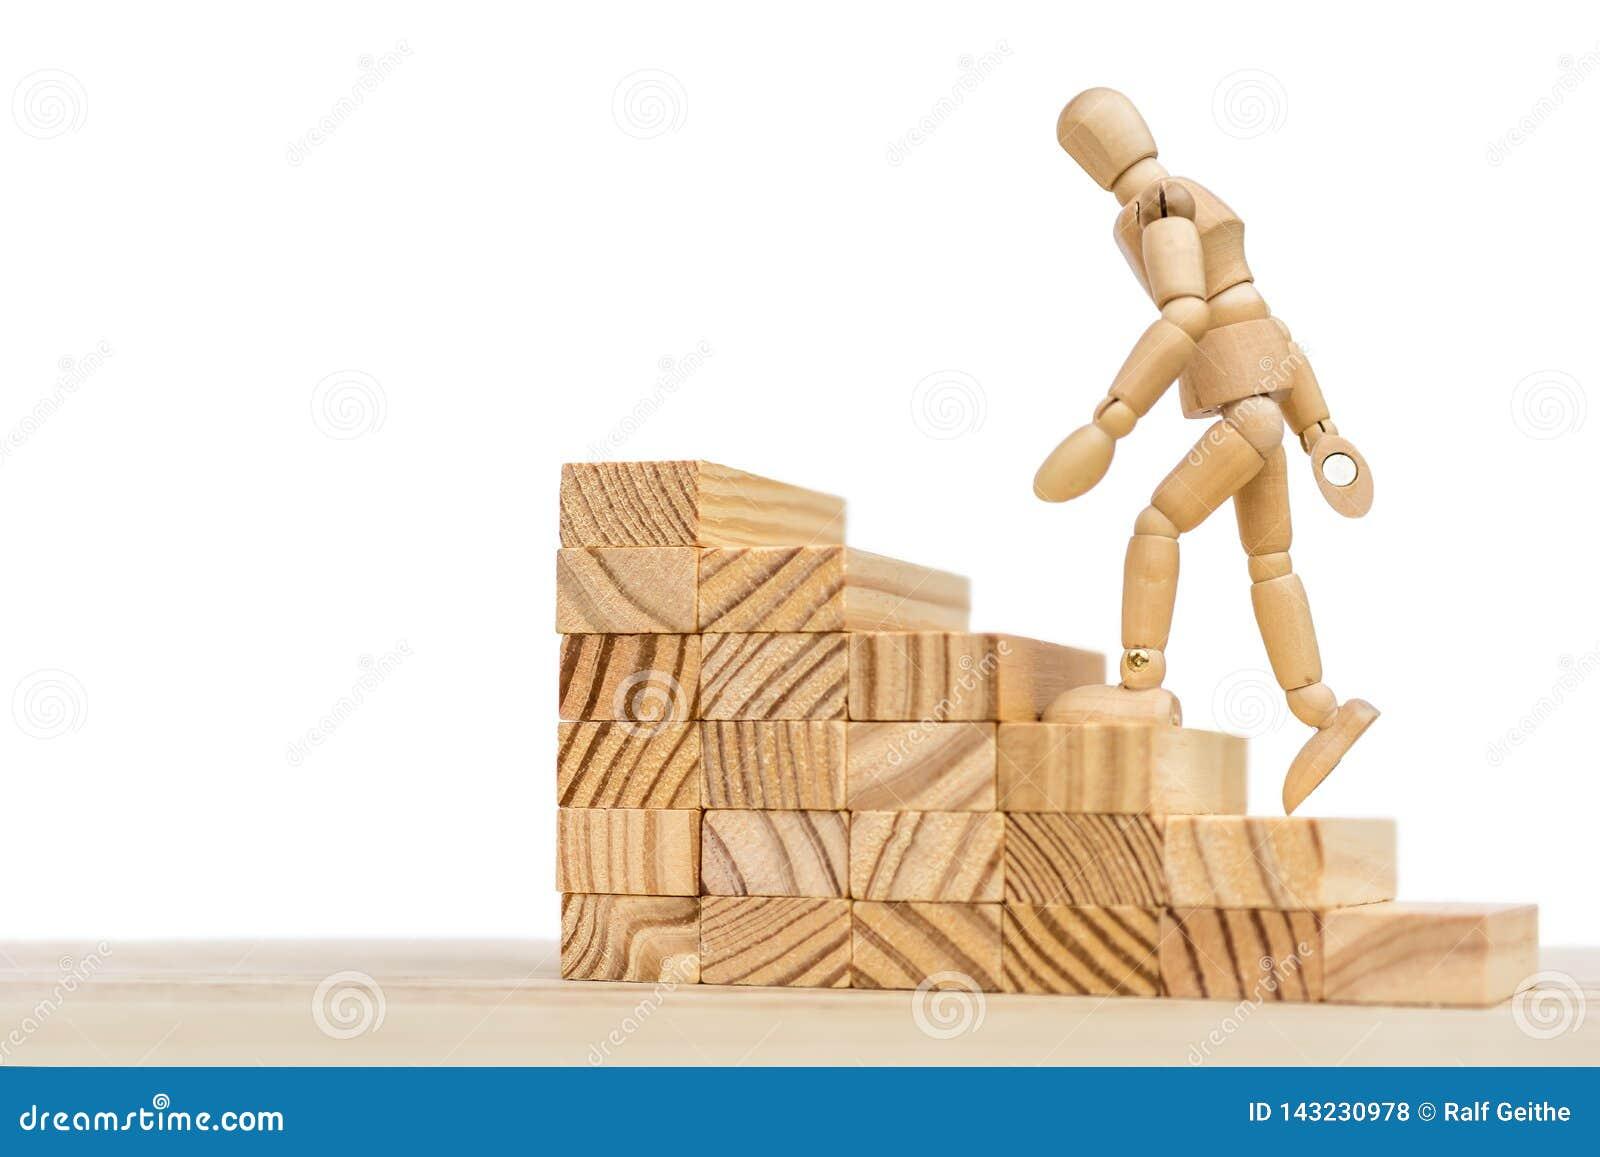 Escalera de madera y muñeca de madera contra el fondo blanco con el espacio libre para más lejos corregir